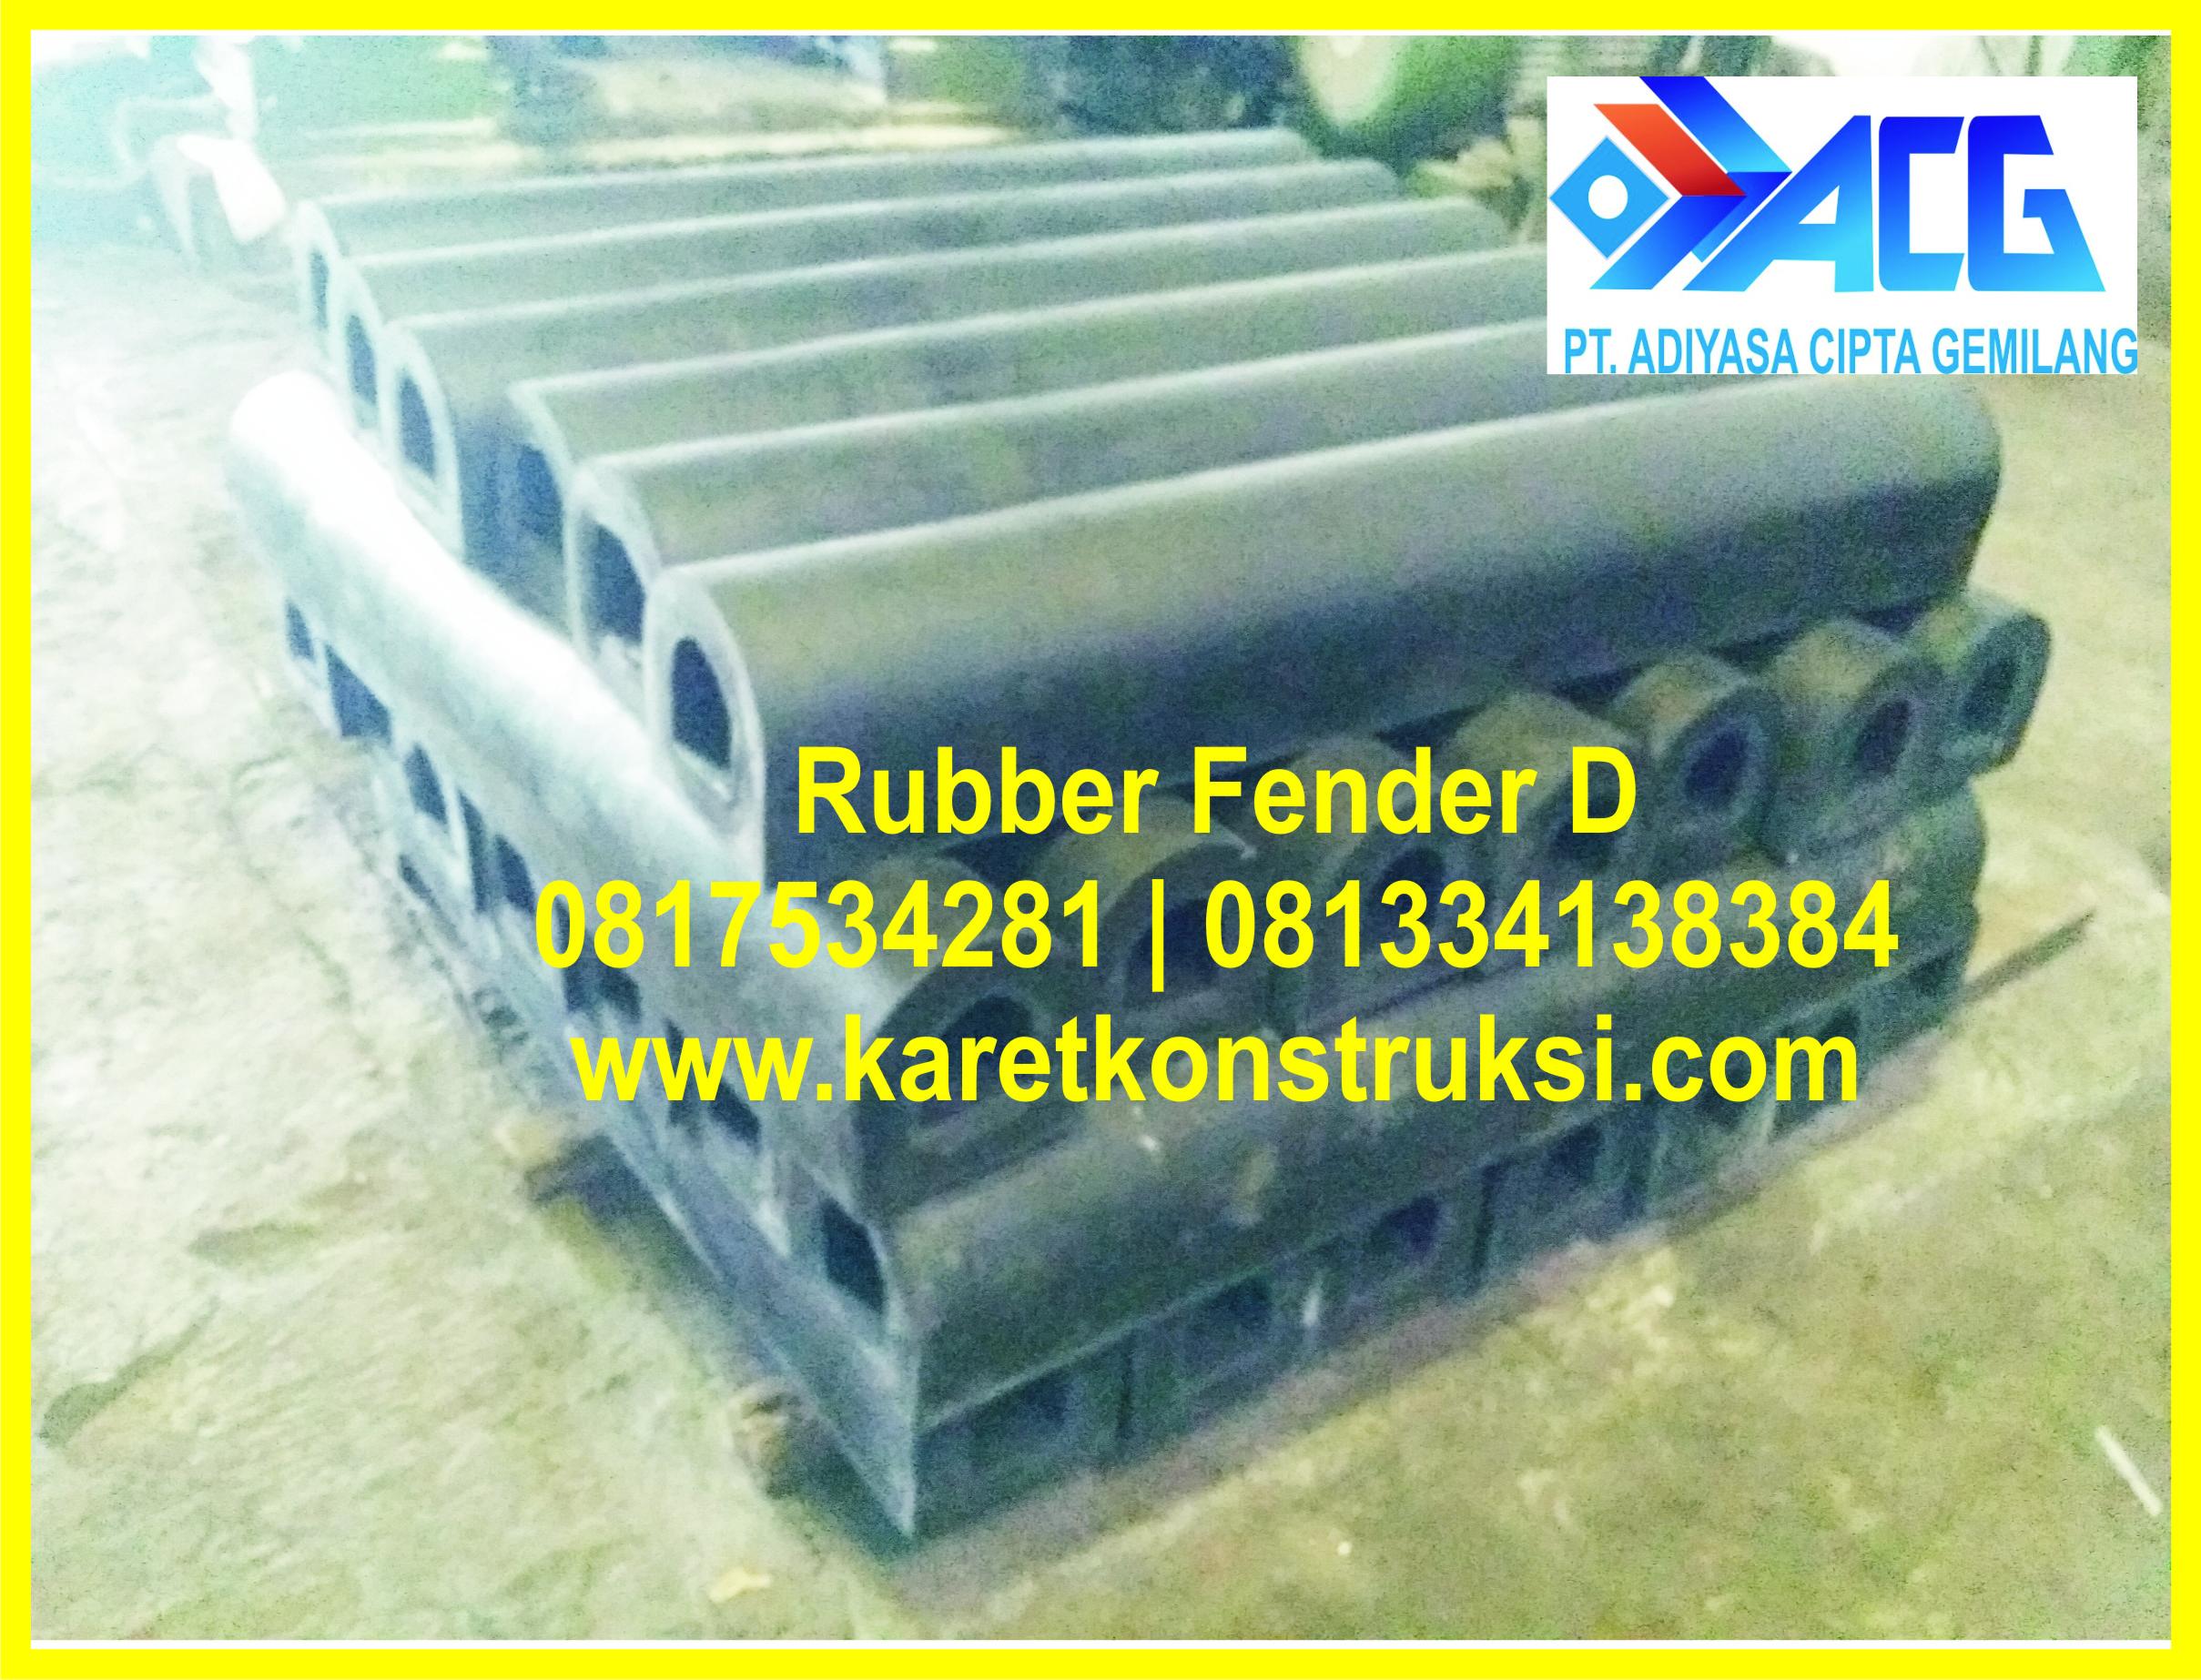 RUBBER FENDER | Jual Rubber Fender | Karet Elastomer ...